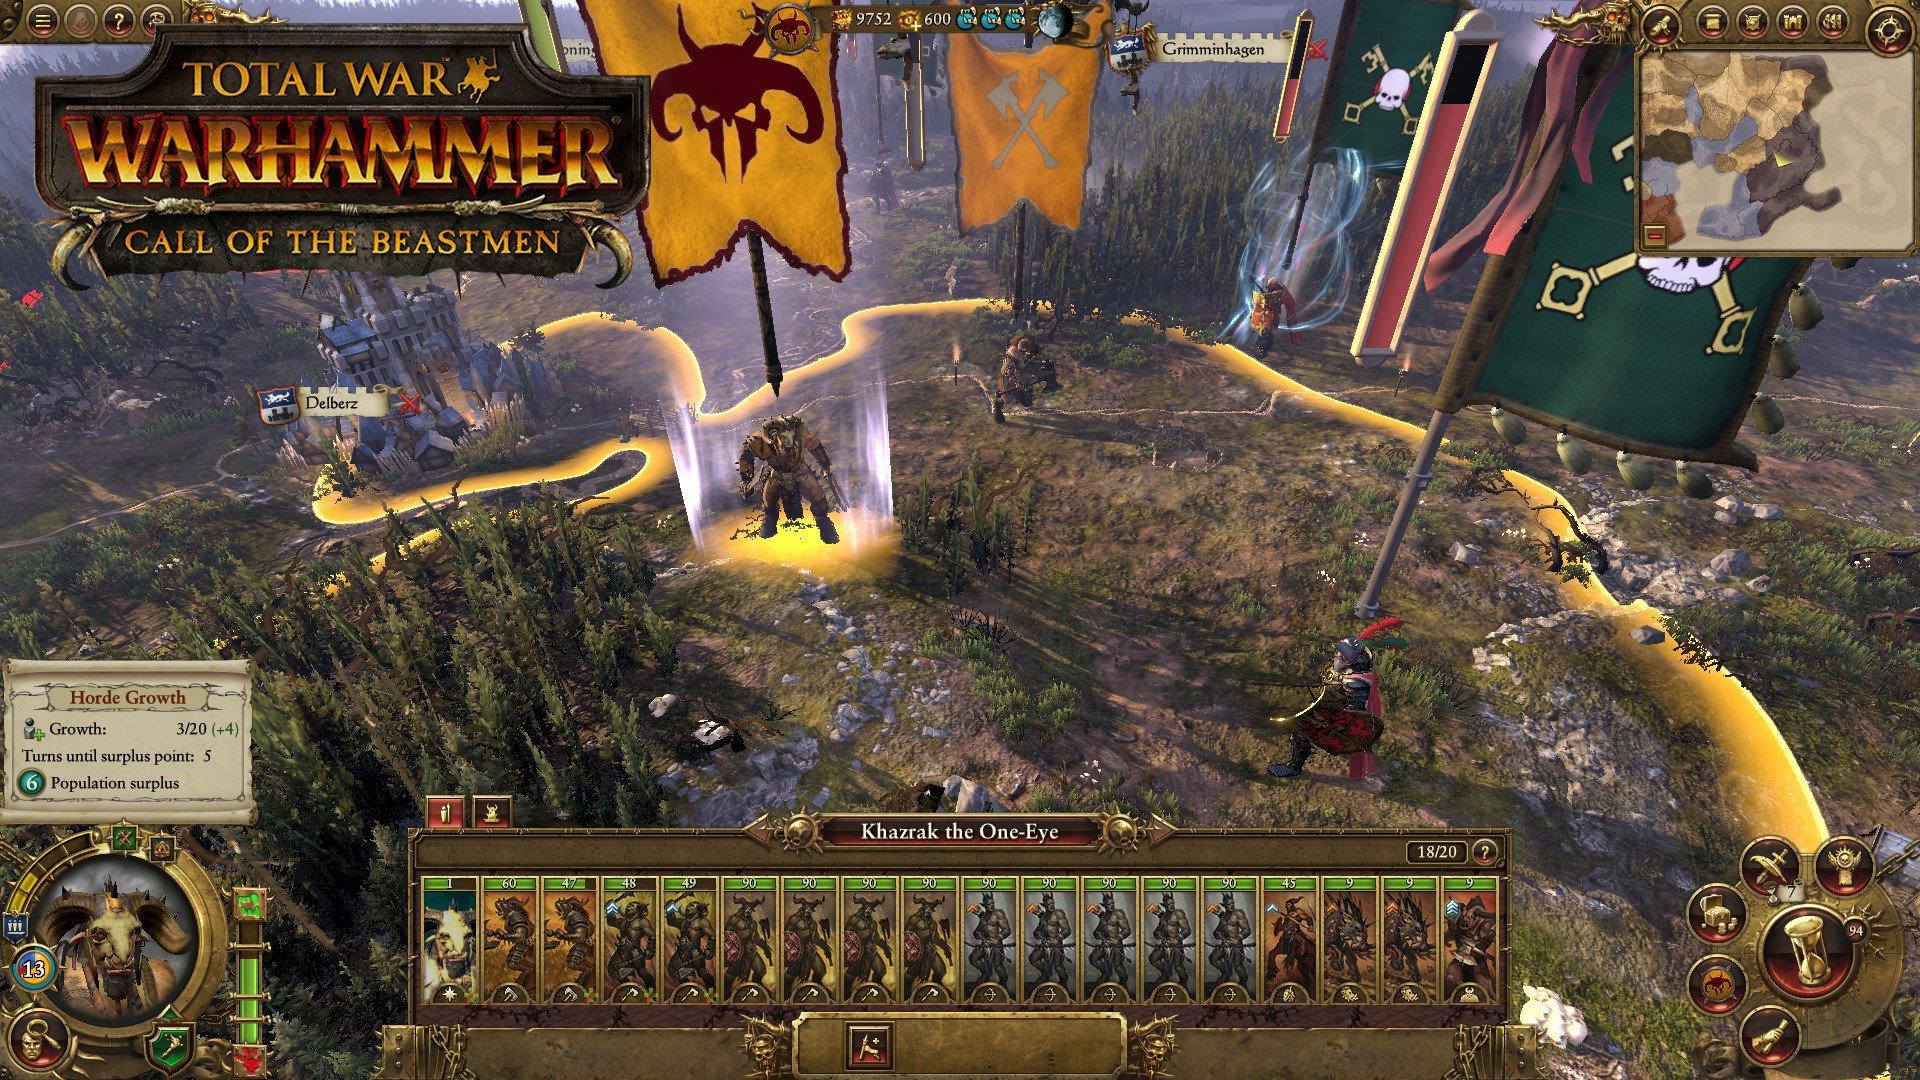 Total War WARHAMMER Call of the Beastmen DLC 8